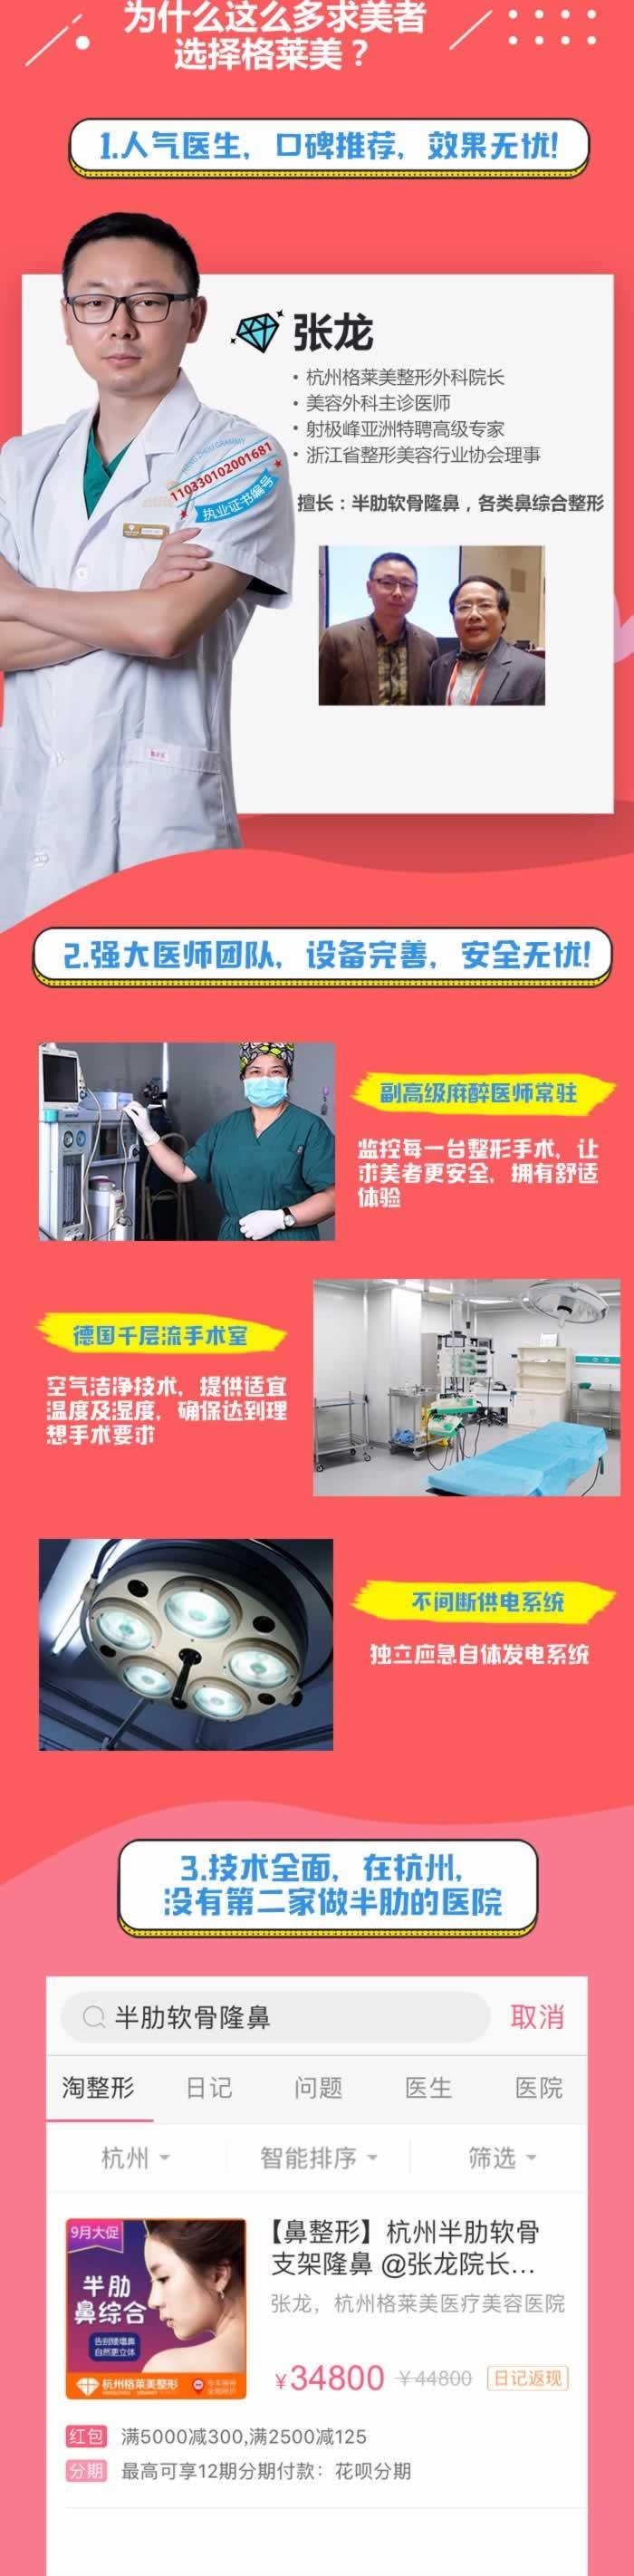 自体脂肪干细胞移植是什么,我3月19日去韩国5天时间,想了解韩国整容医院,那家做脂肪填充跟眼睛比较好想?求介绍?